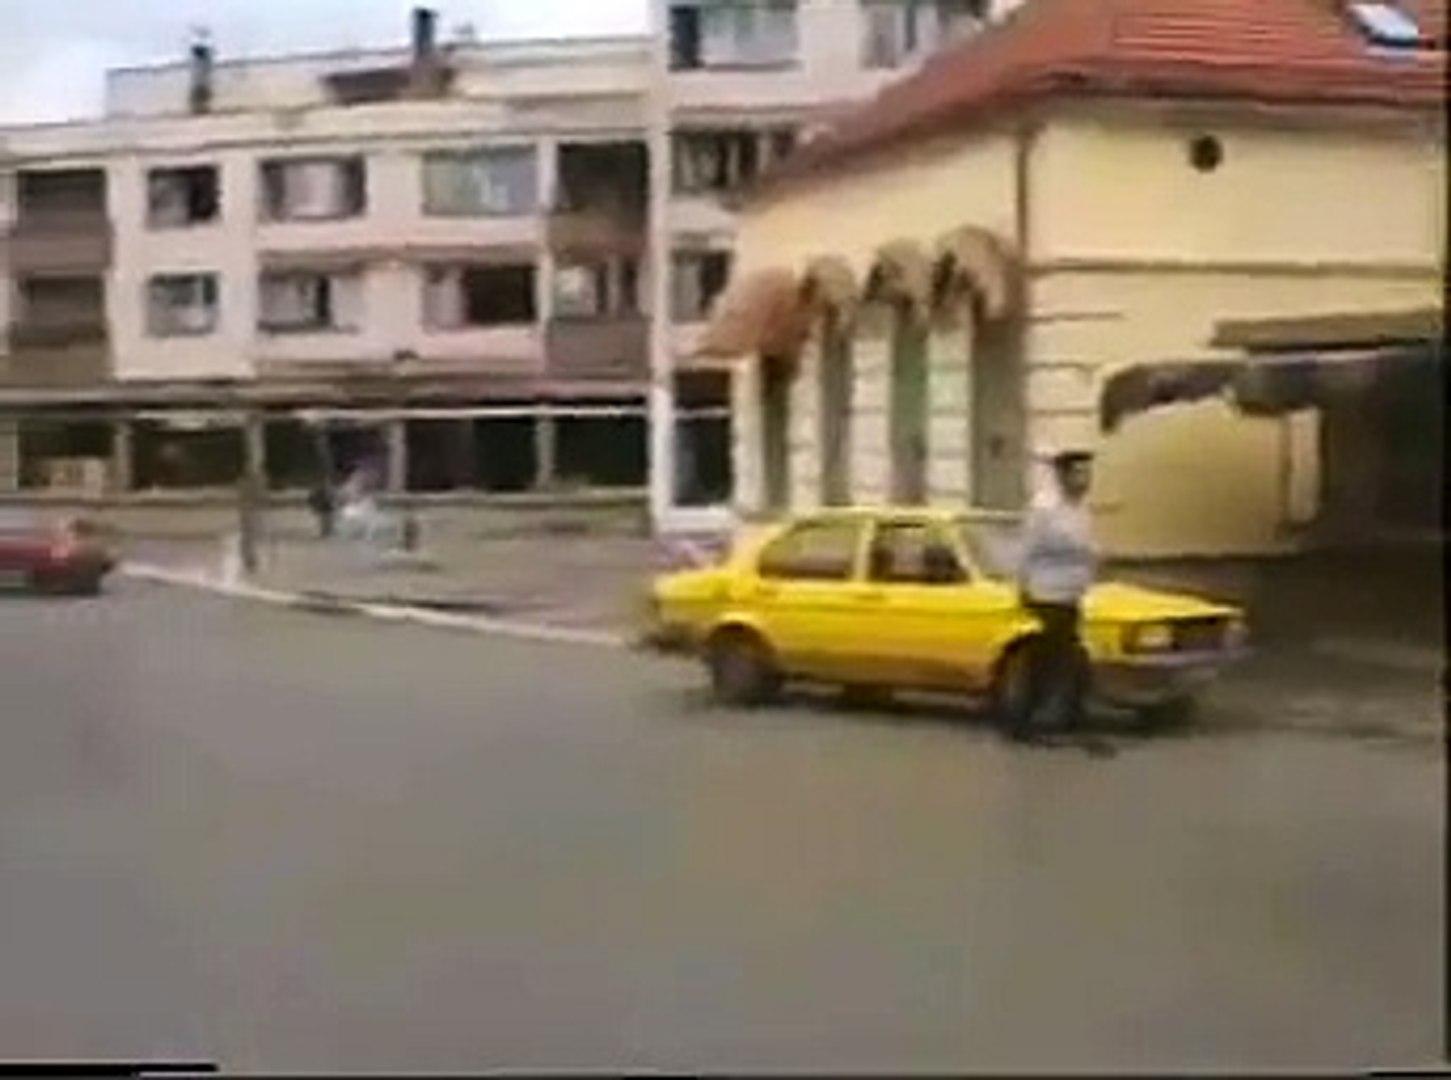 Gracanica City after War (Bosnia)